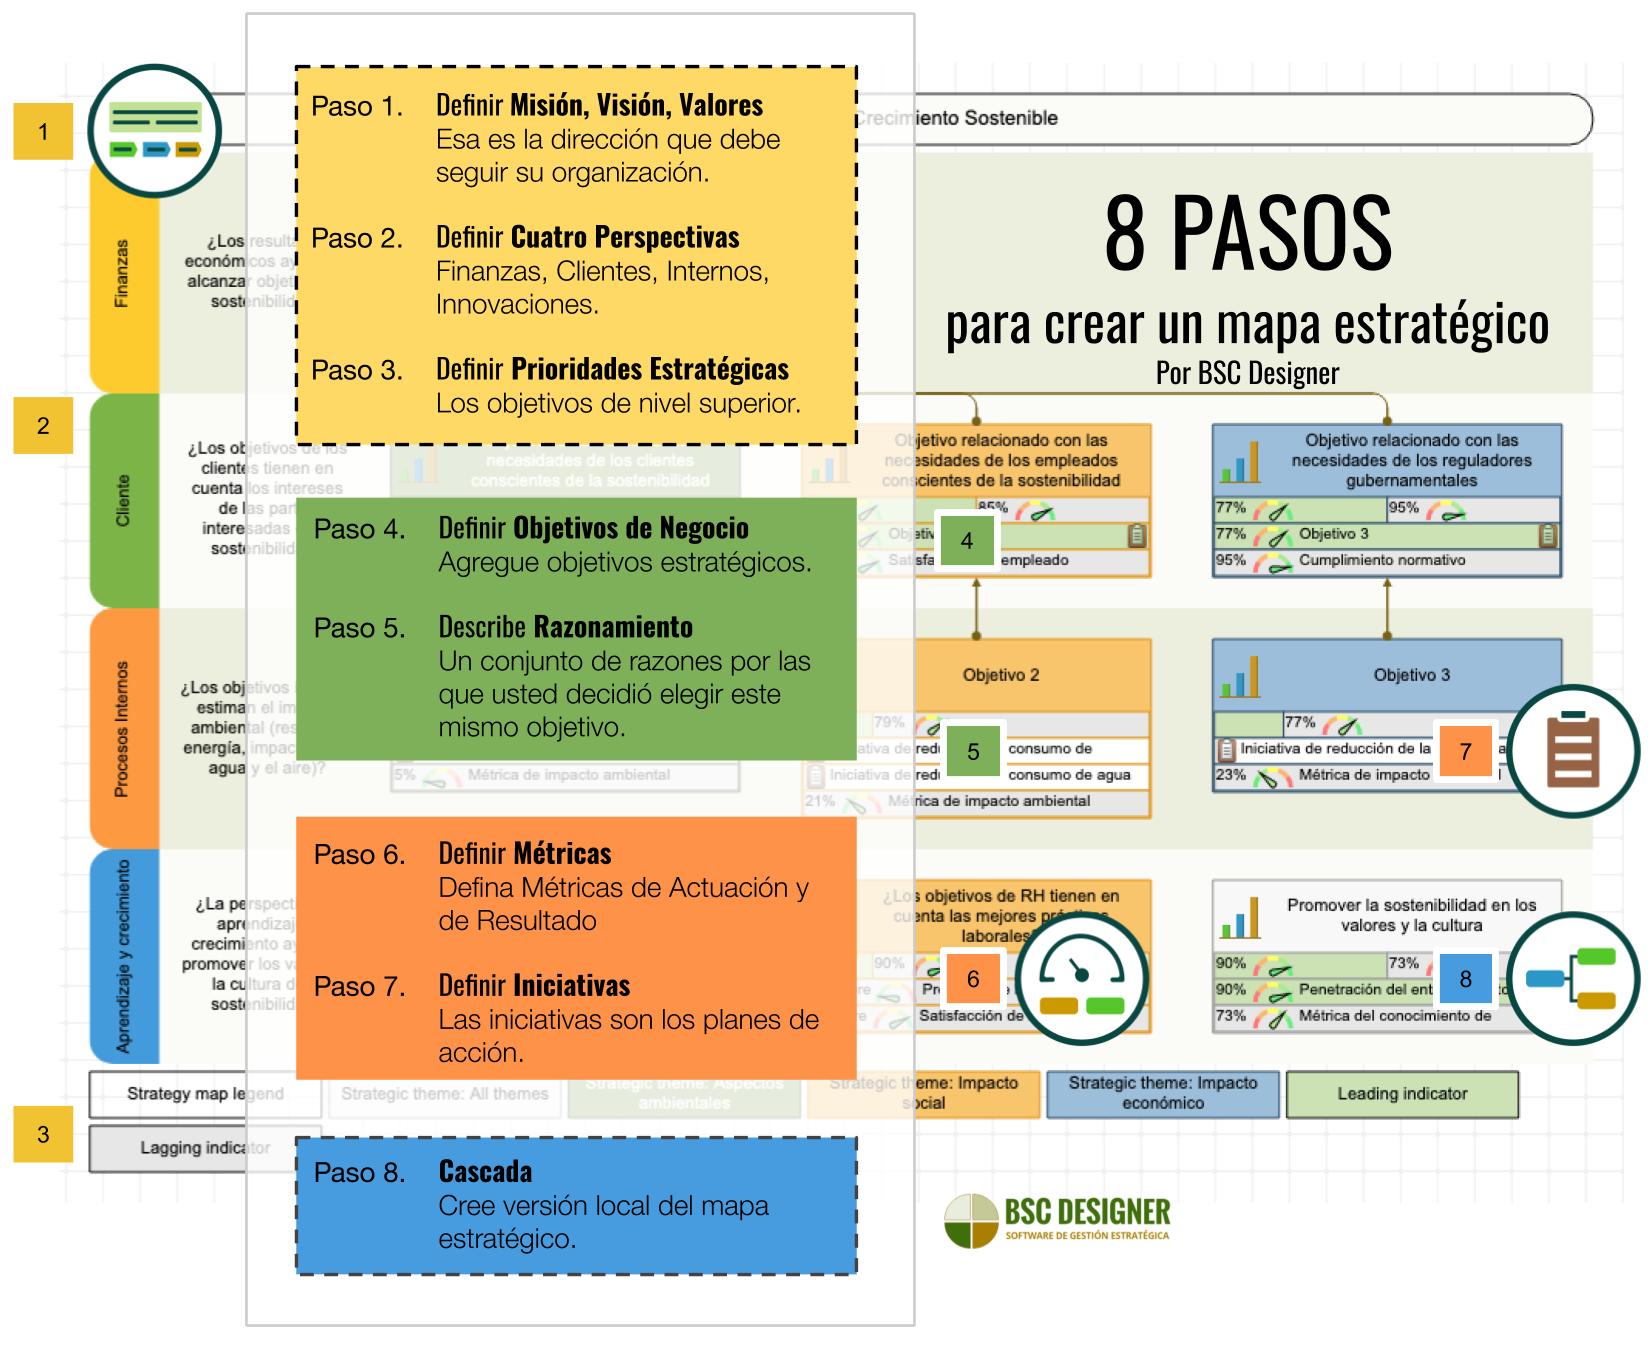 8 PASOS para crear un mapa estratégico con BSC Designer